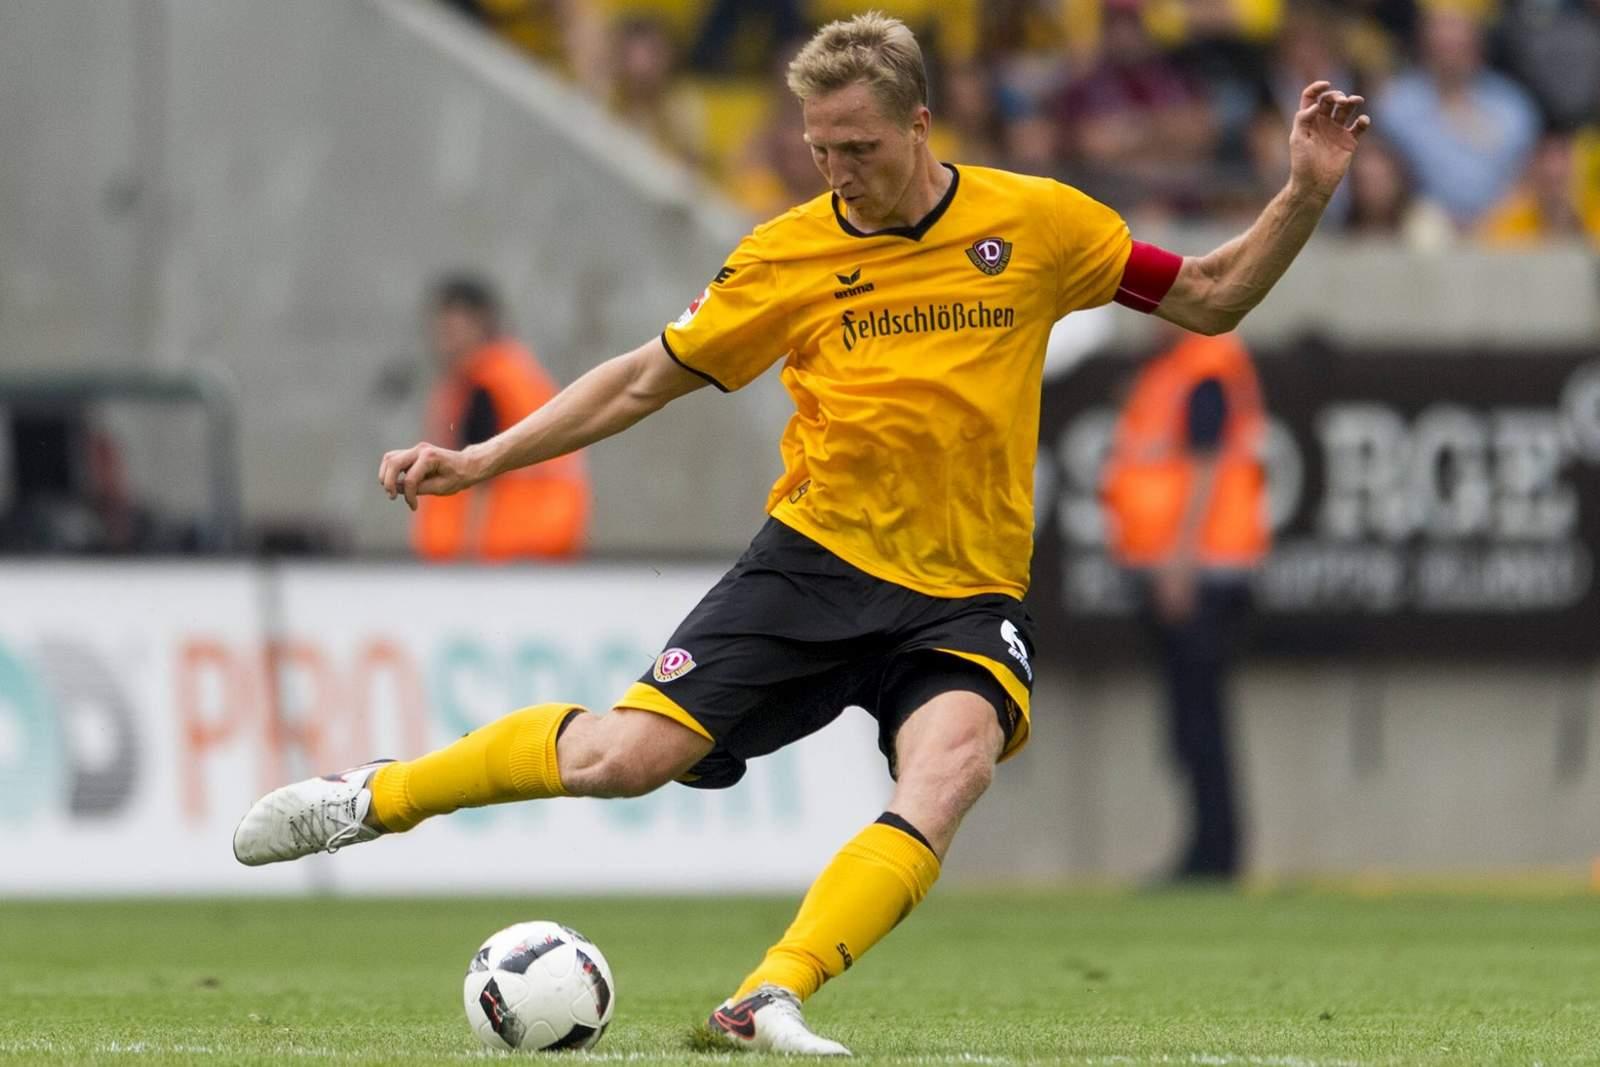 Marco Hartmann, Spieler von Dynamo Dresden